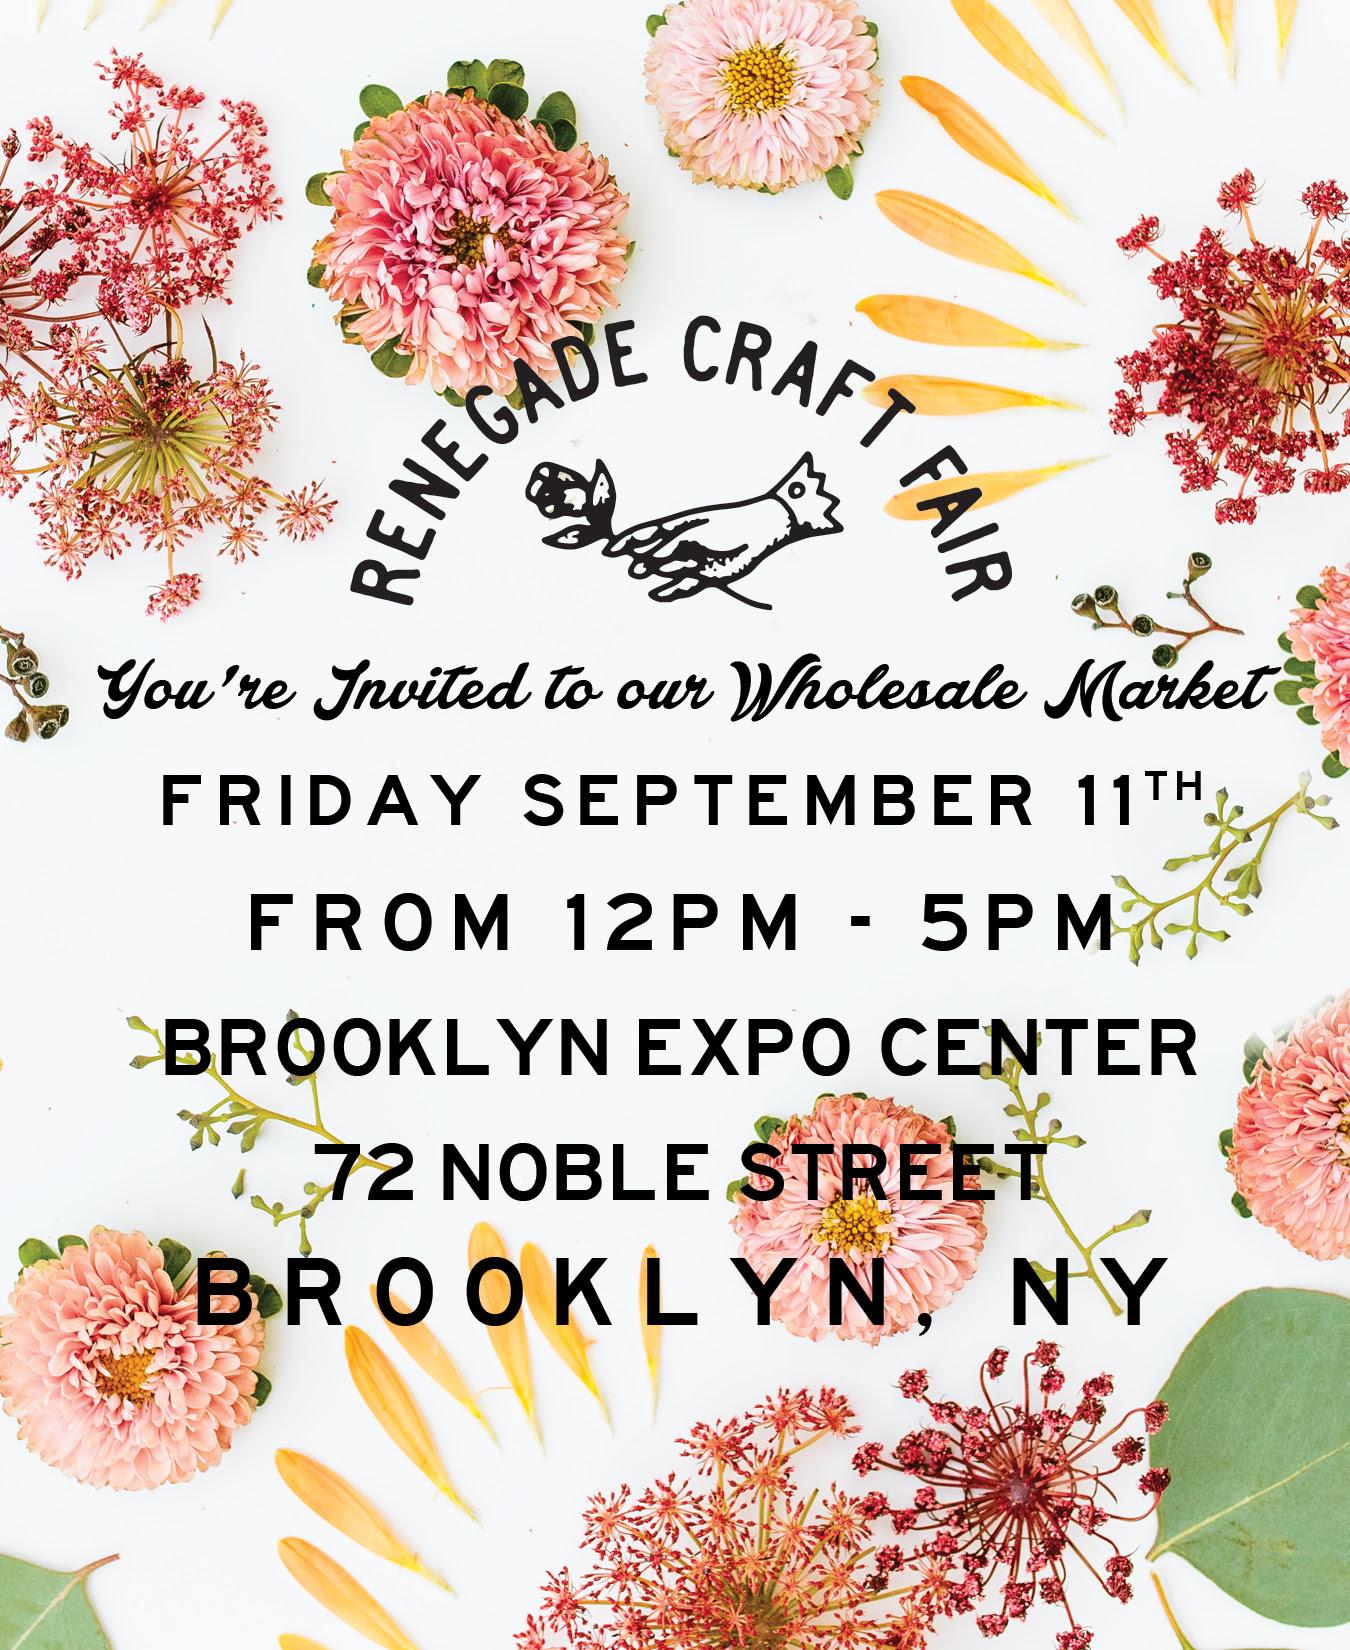 Brooklyn I am coming for ya...